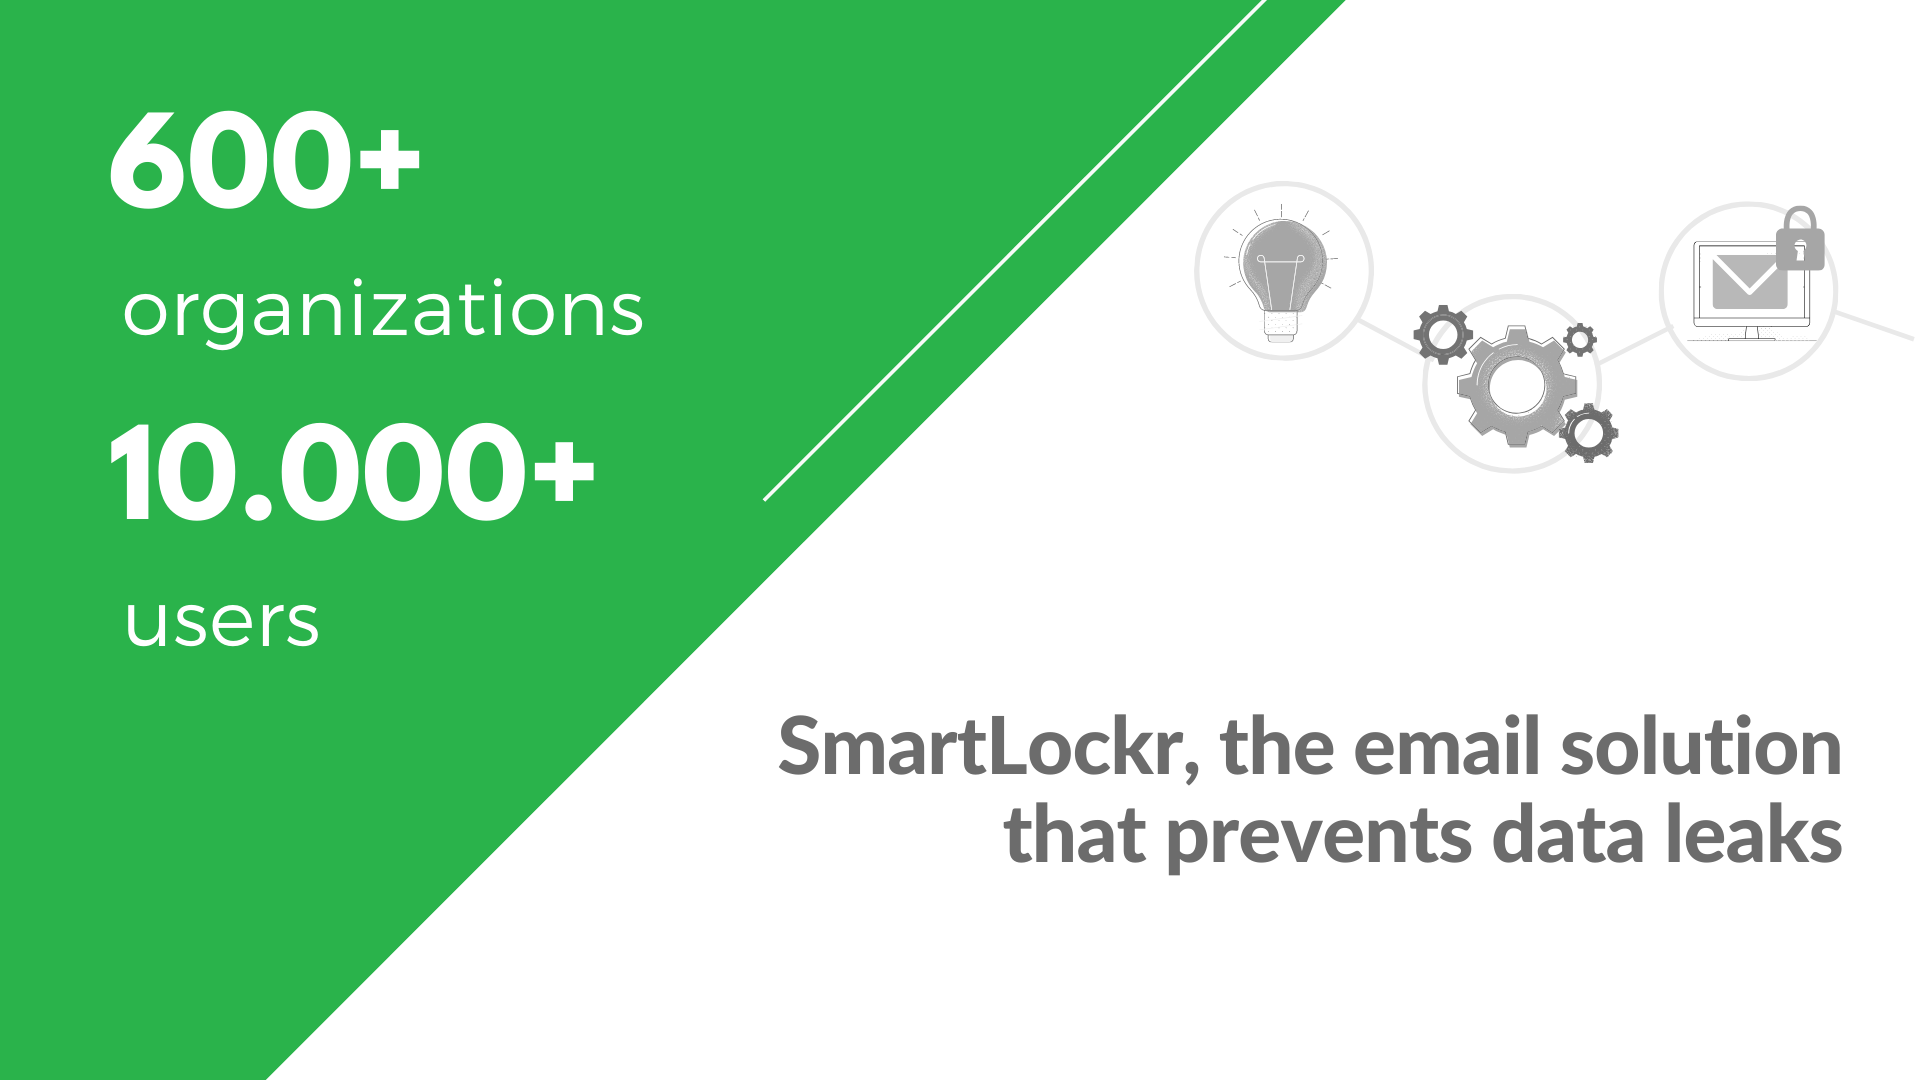 smartlockr prevent data leaks